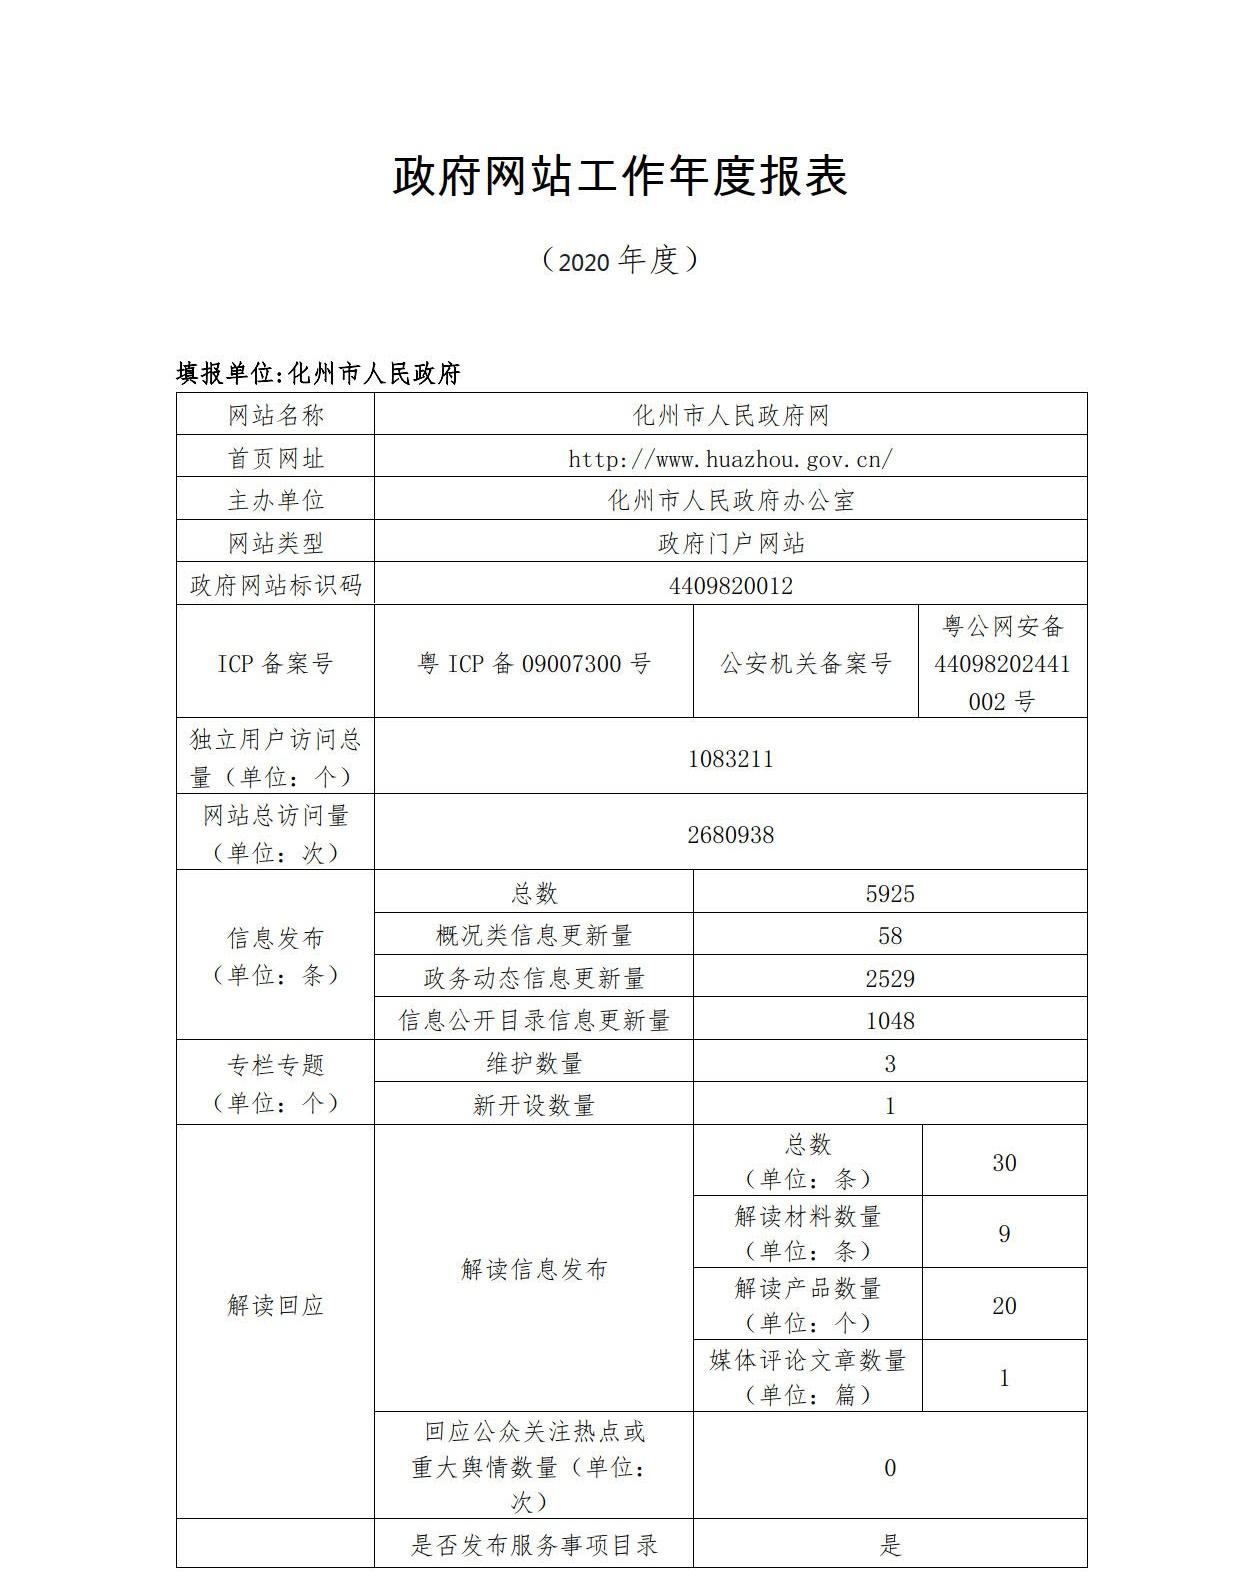 化州市人民政府网站工作年度报表(2020年)_1_看图王.jpg